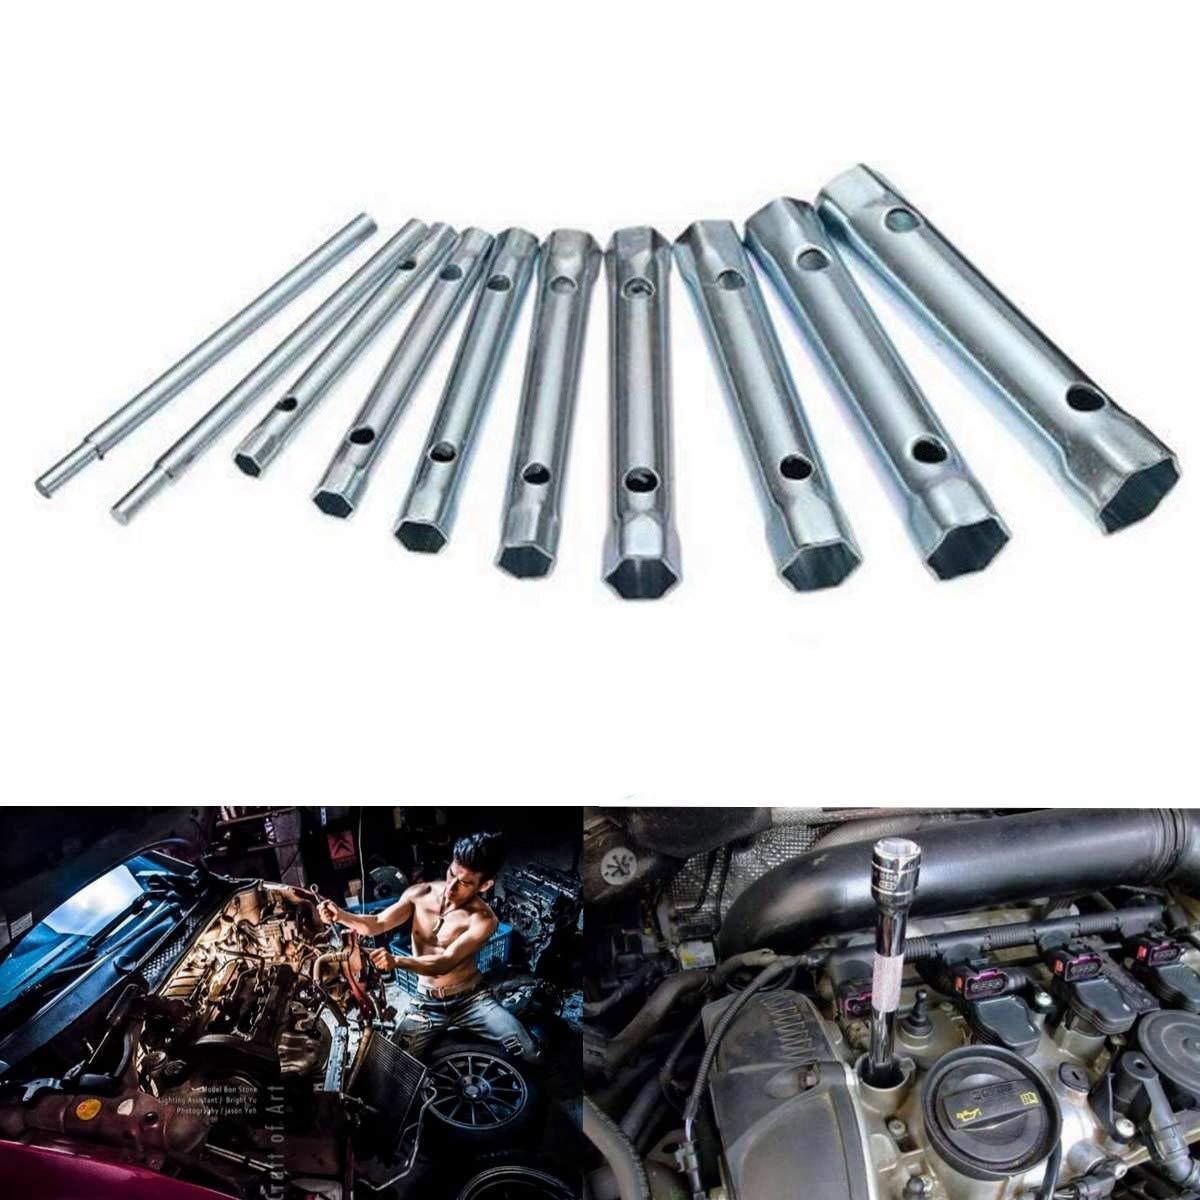 Noblik 6-22Mm 10Pc M/étrique Tubulaire Cl/é /à Tubes Set Barre de Tube Spark-Plug Spanner Acier Double Fini pour Automobile /à LAplomb de R/éparation